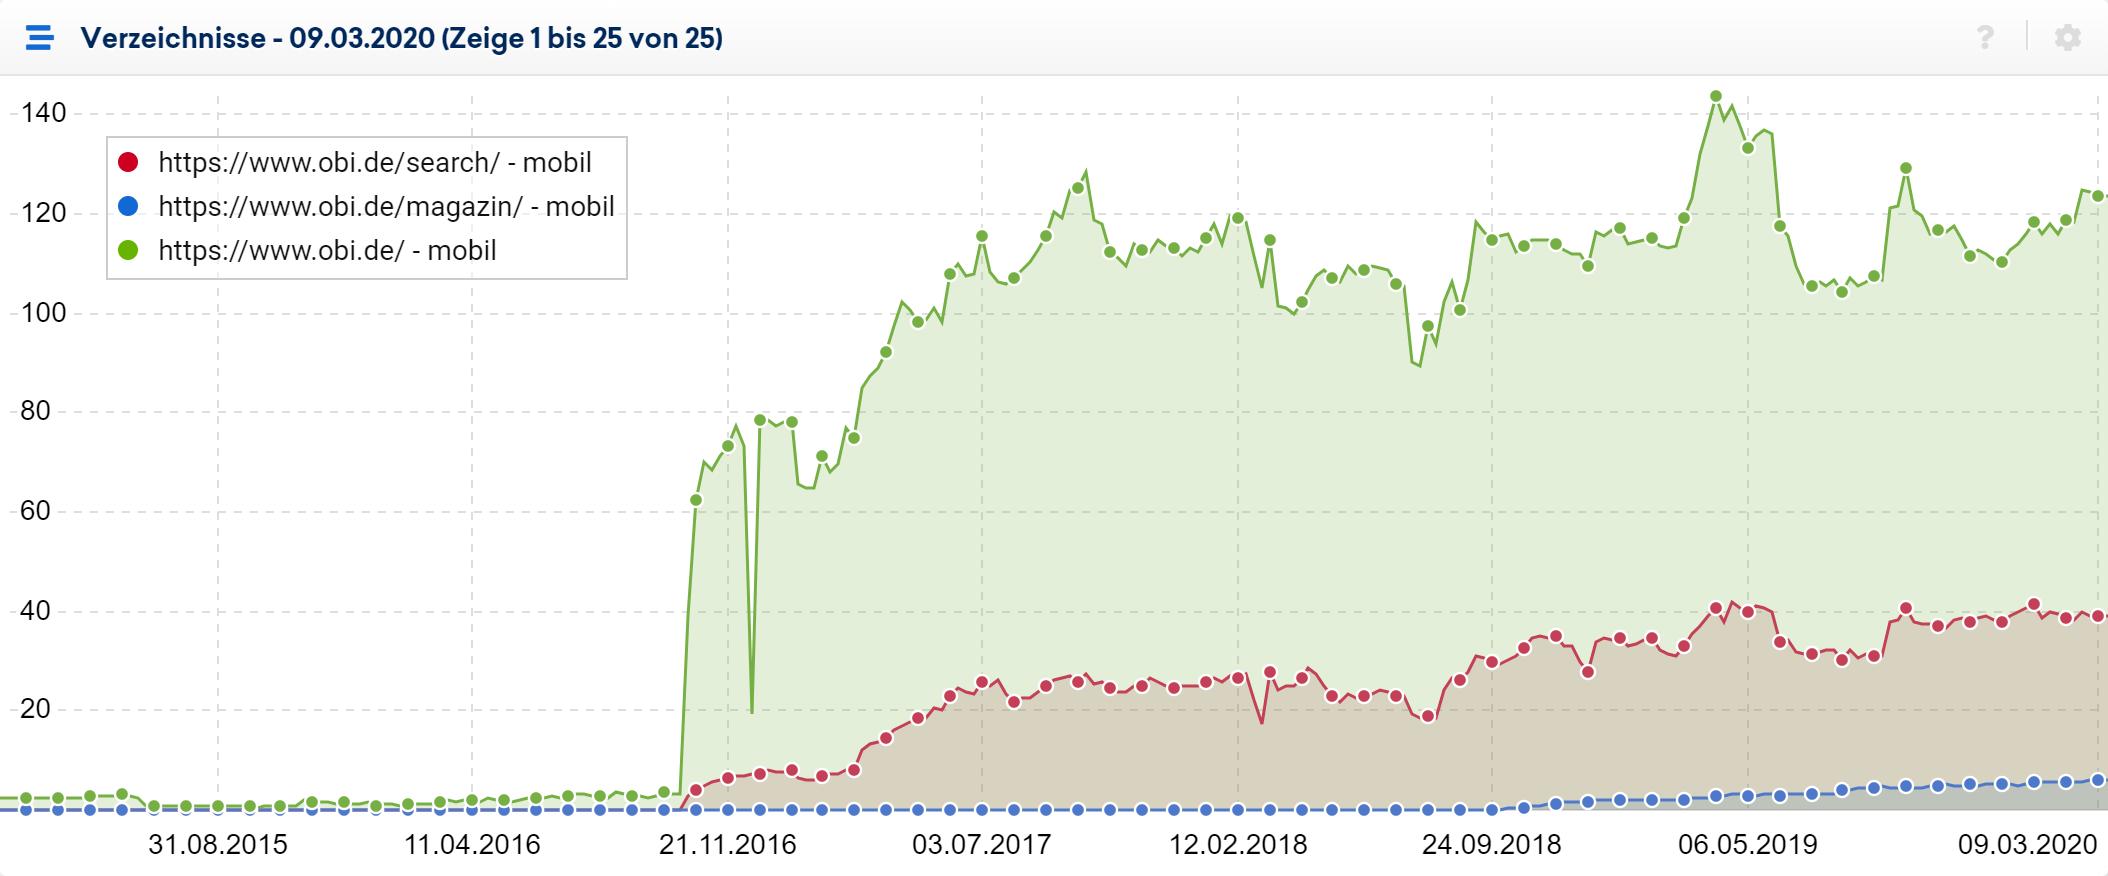 Verlaufsgrafik der drei sichtbarsten Verzeichnisse für die Domain obi.de im Unterpunkt Verzeichnisse der SISTRIX Toolbox.